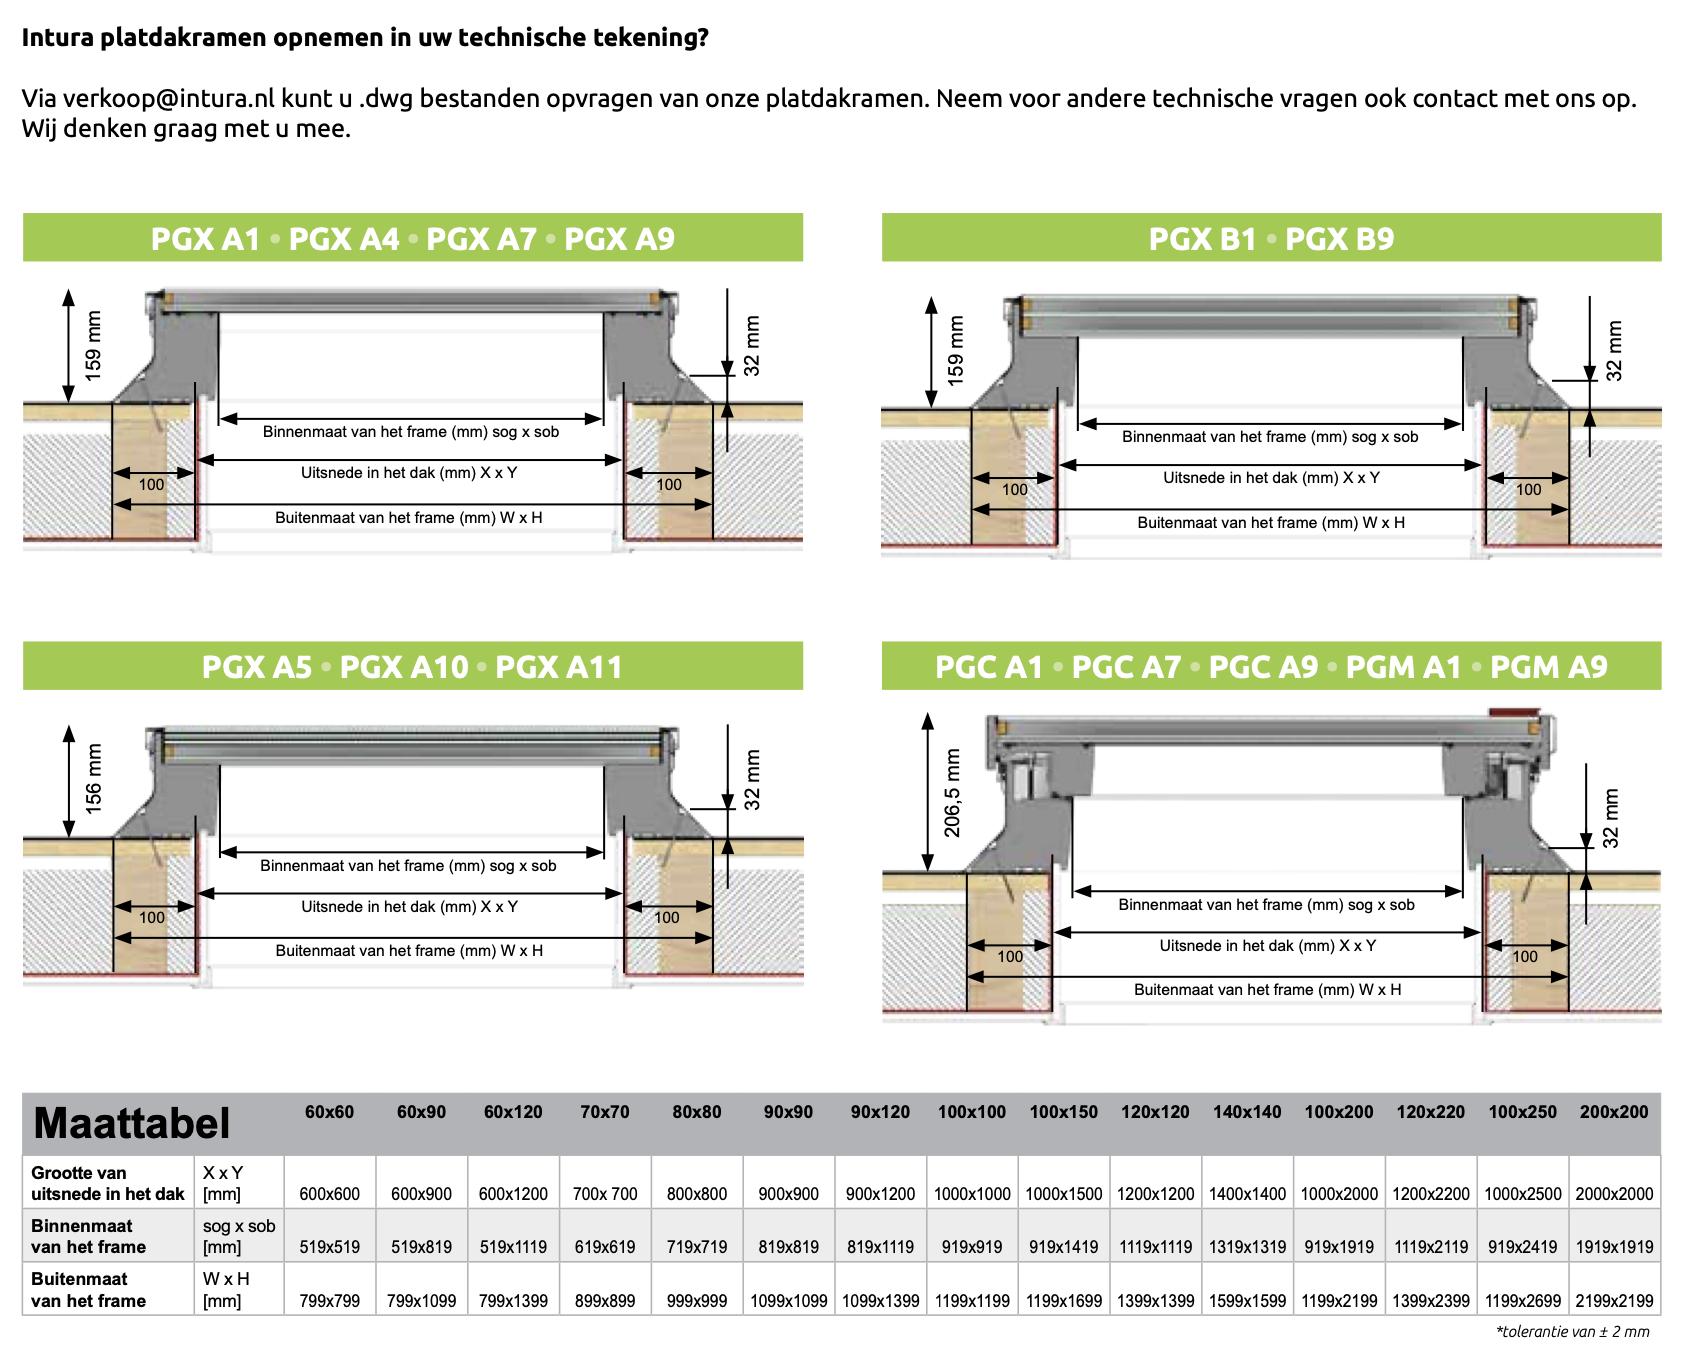 Technische specificaties Intura Platdakramen